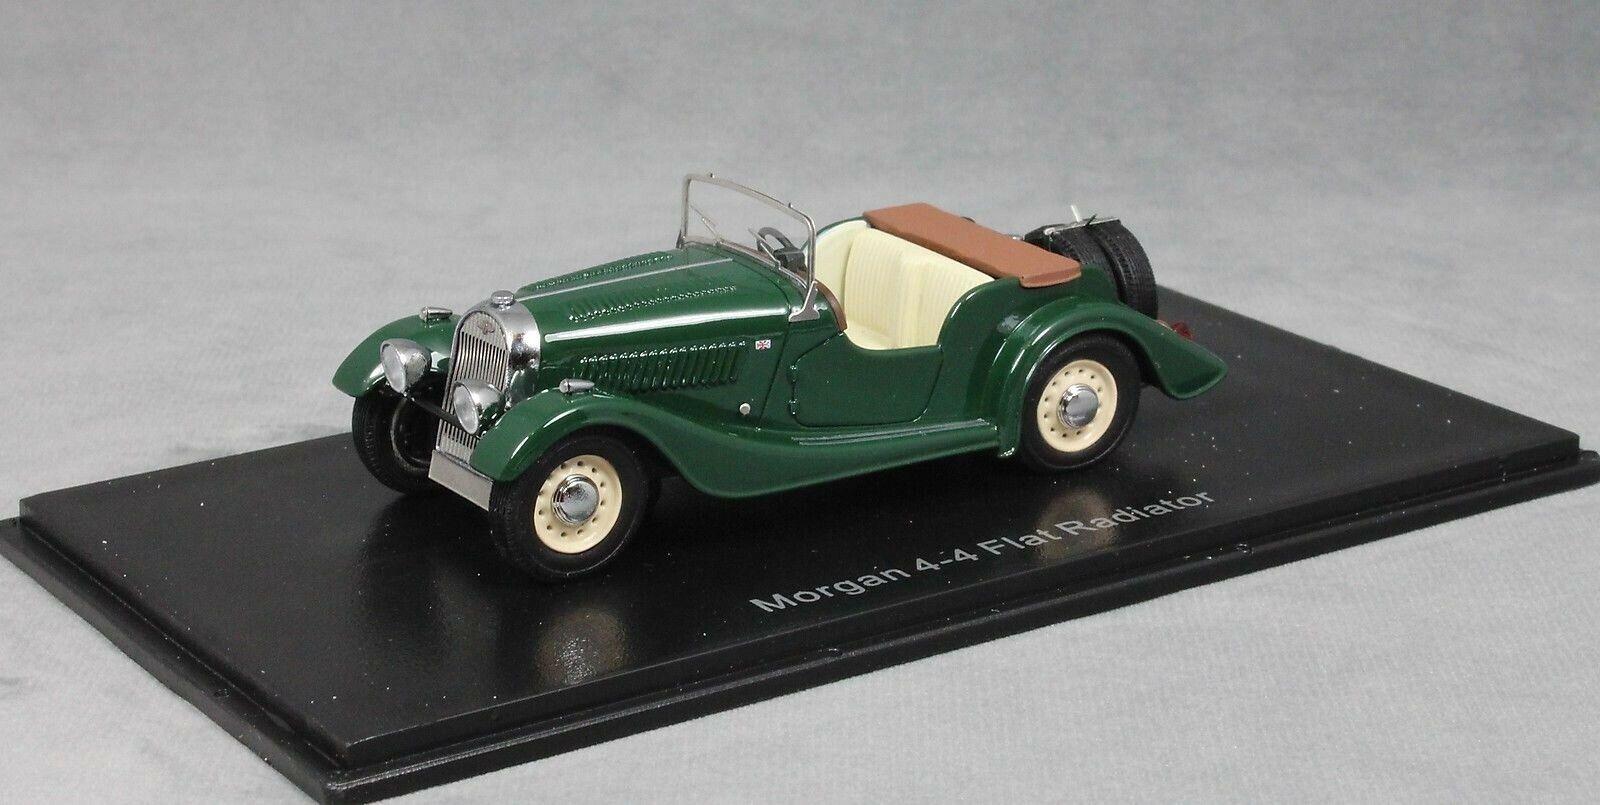 Neo Models Morgan 4 4 plano radiador en verde 1936 46236 1 43 Nuevo